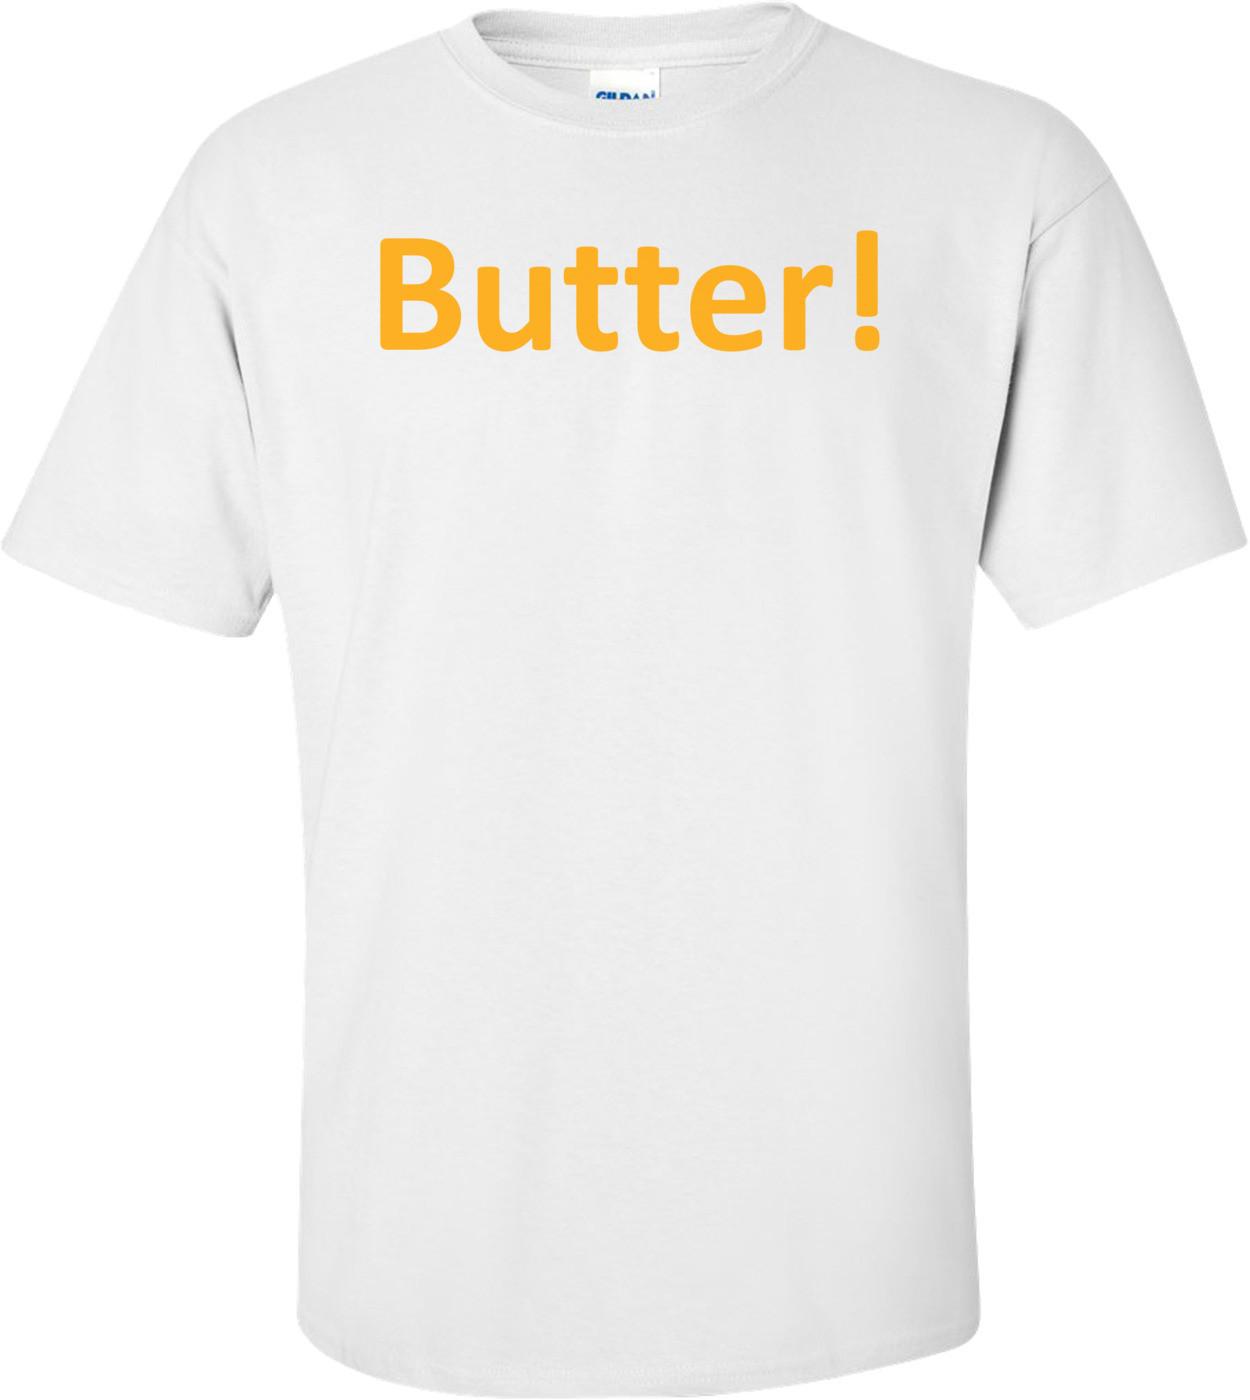 Butter! T-Shirt